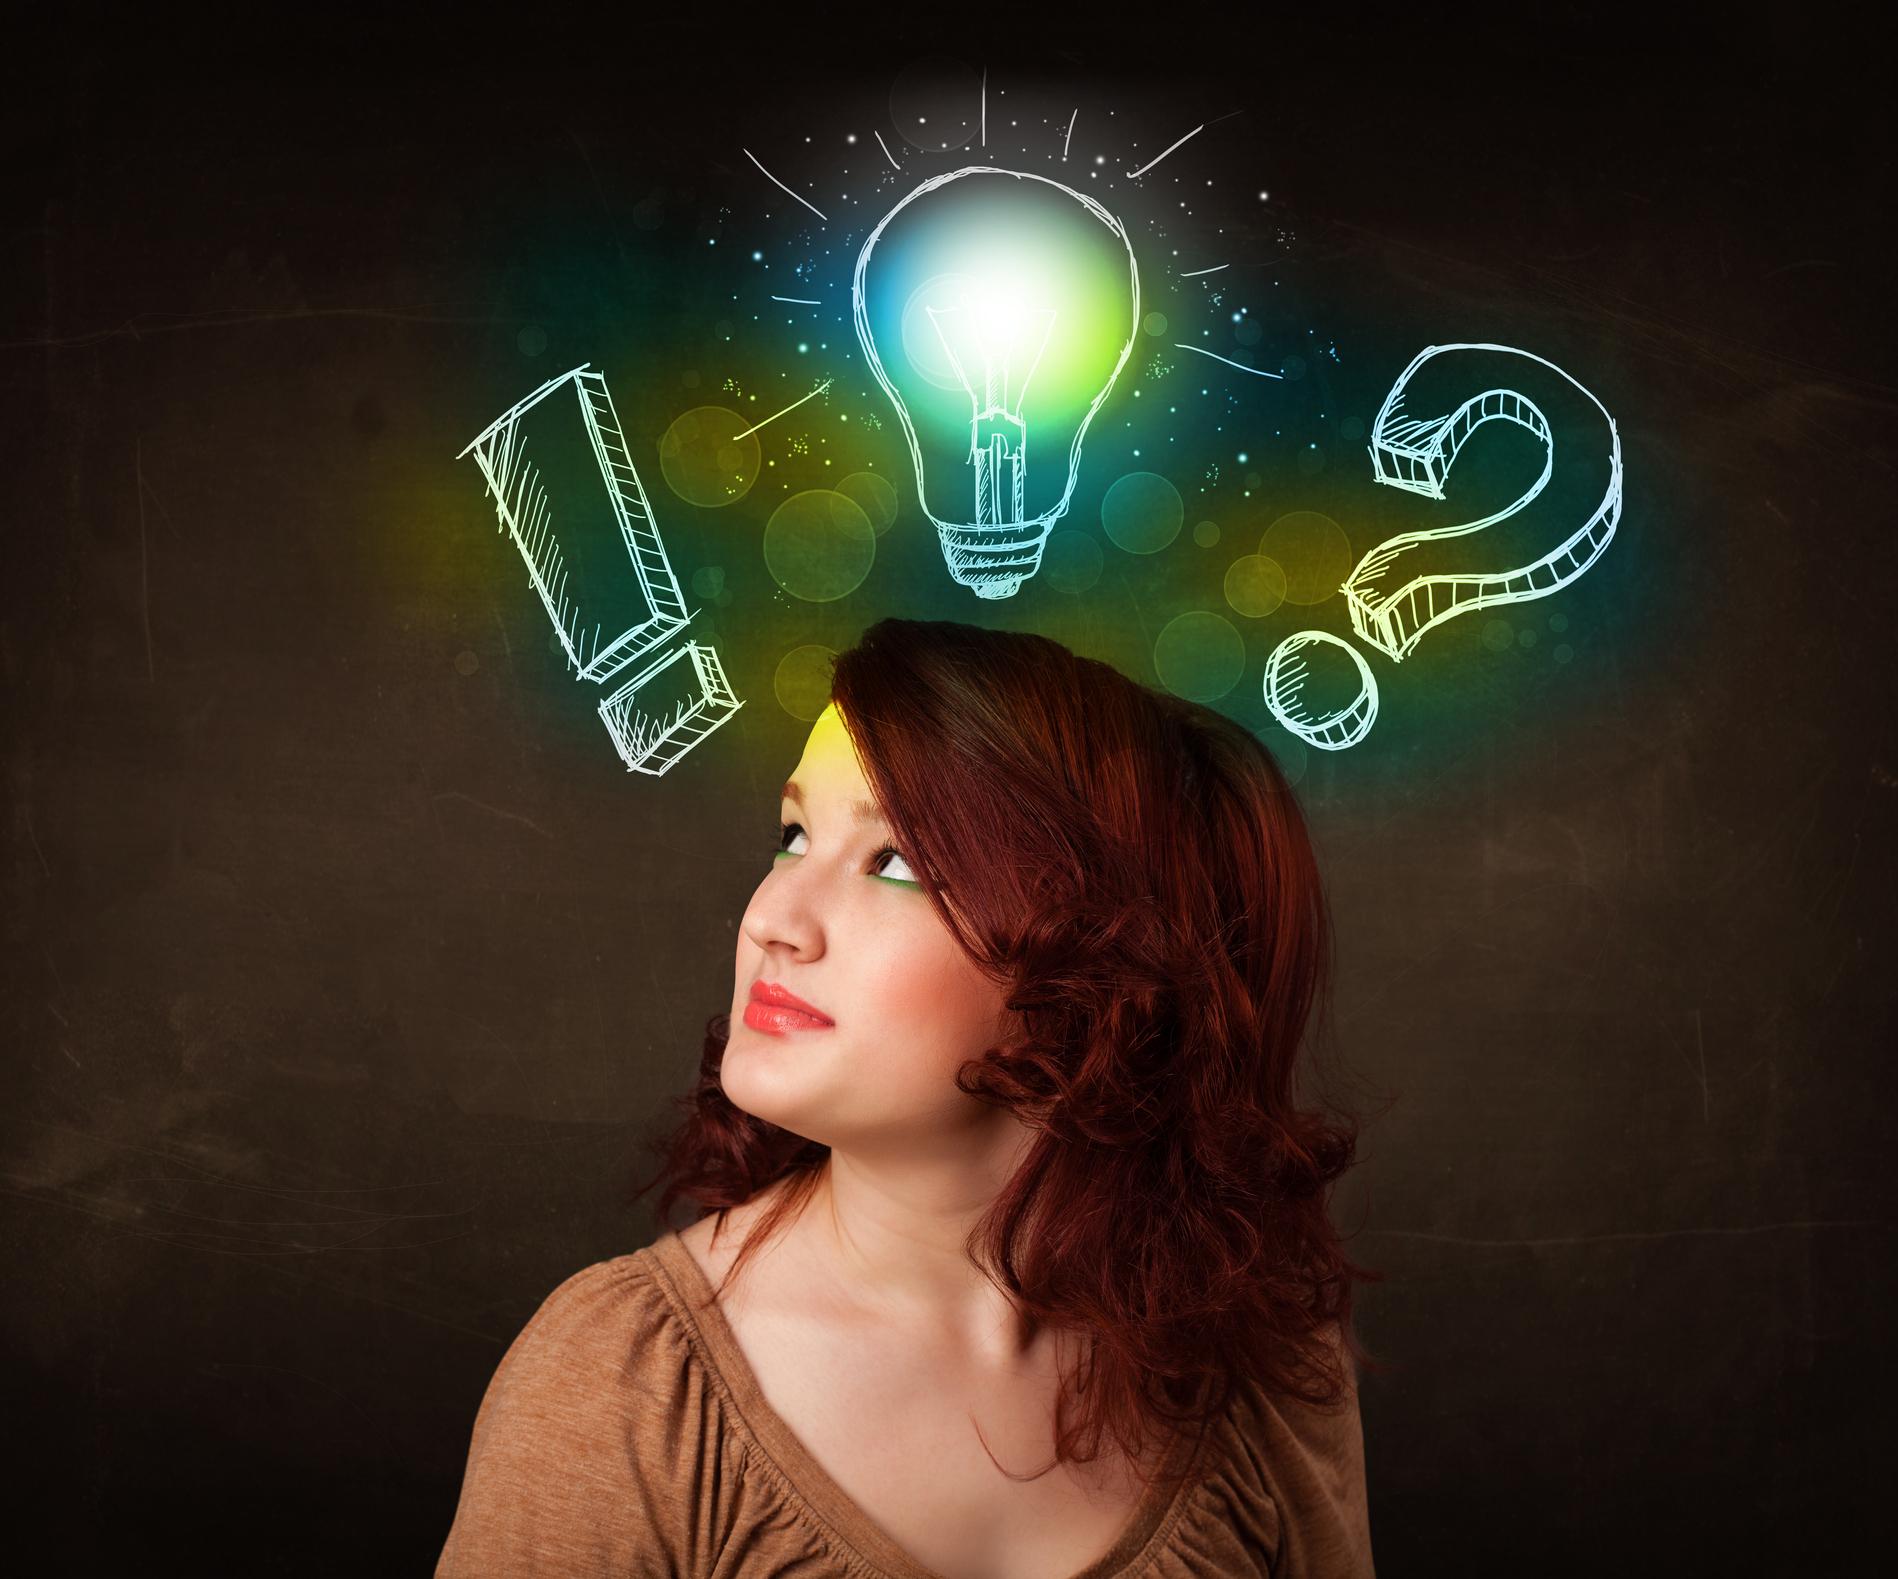 O cérebro, órgão mais complexo do corpo humano, é responsável por regular a maioria das funções corporais e mentais.